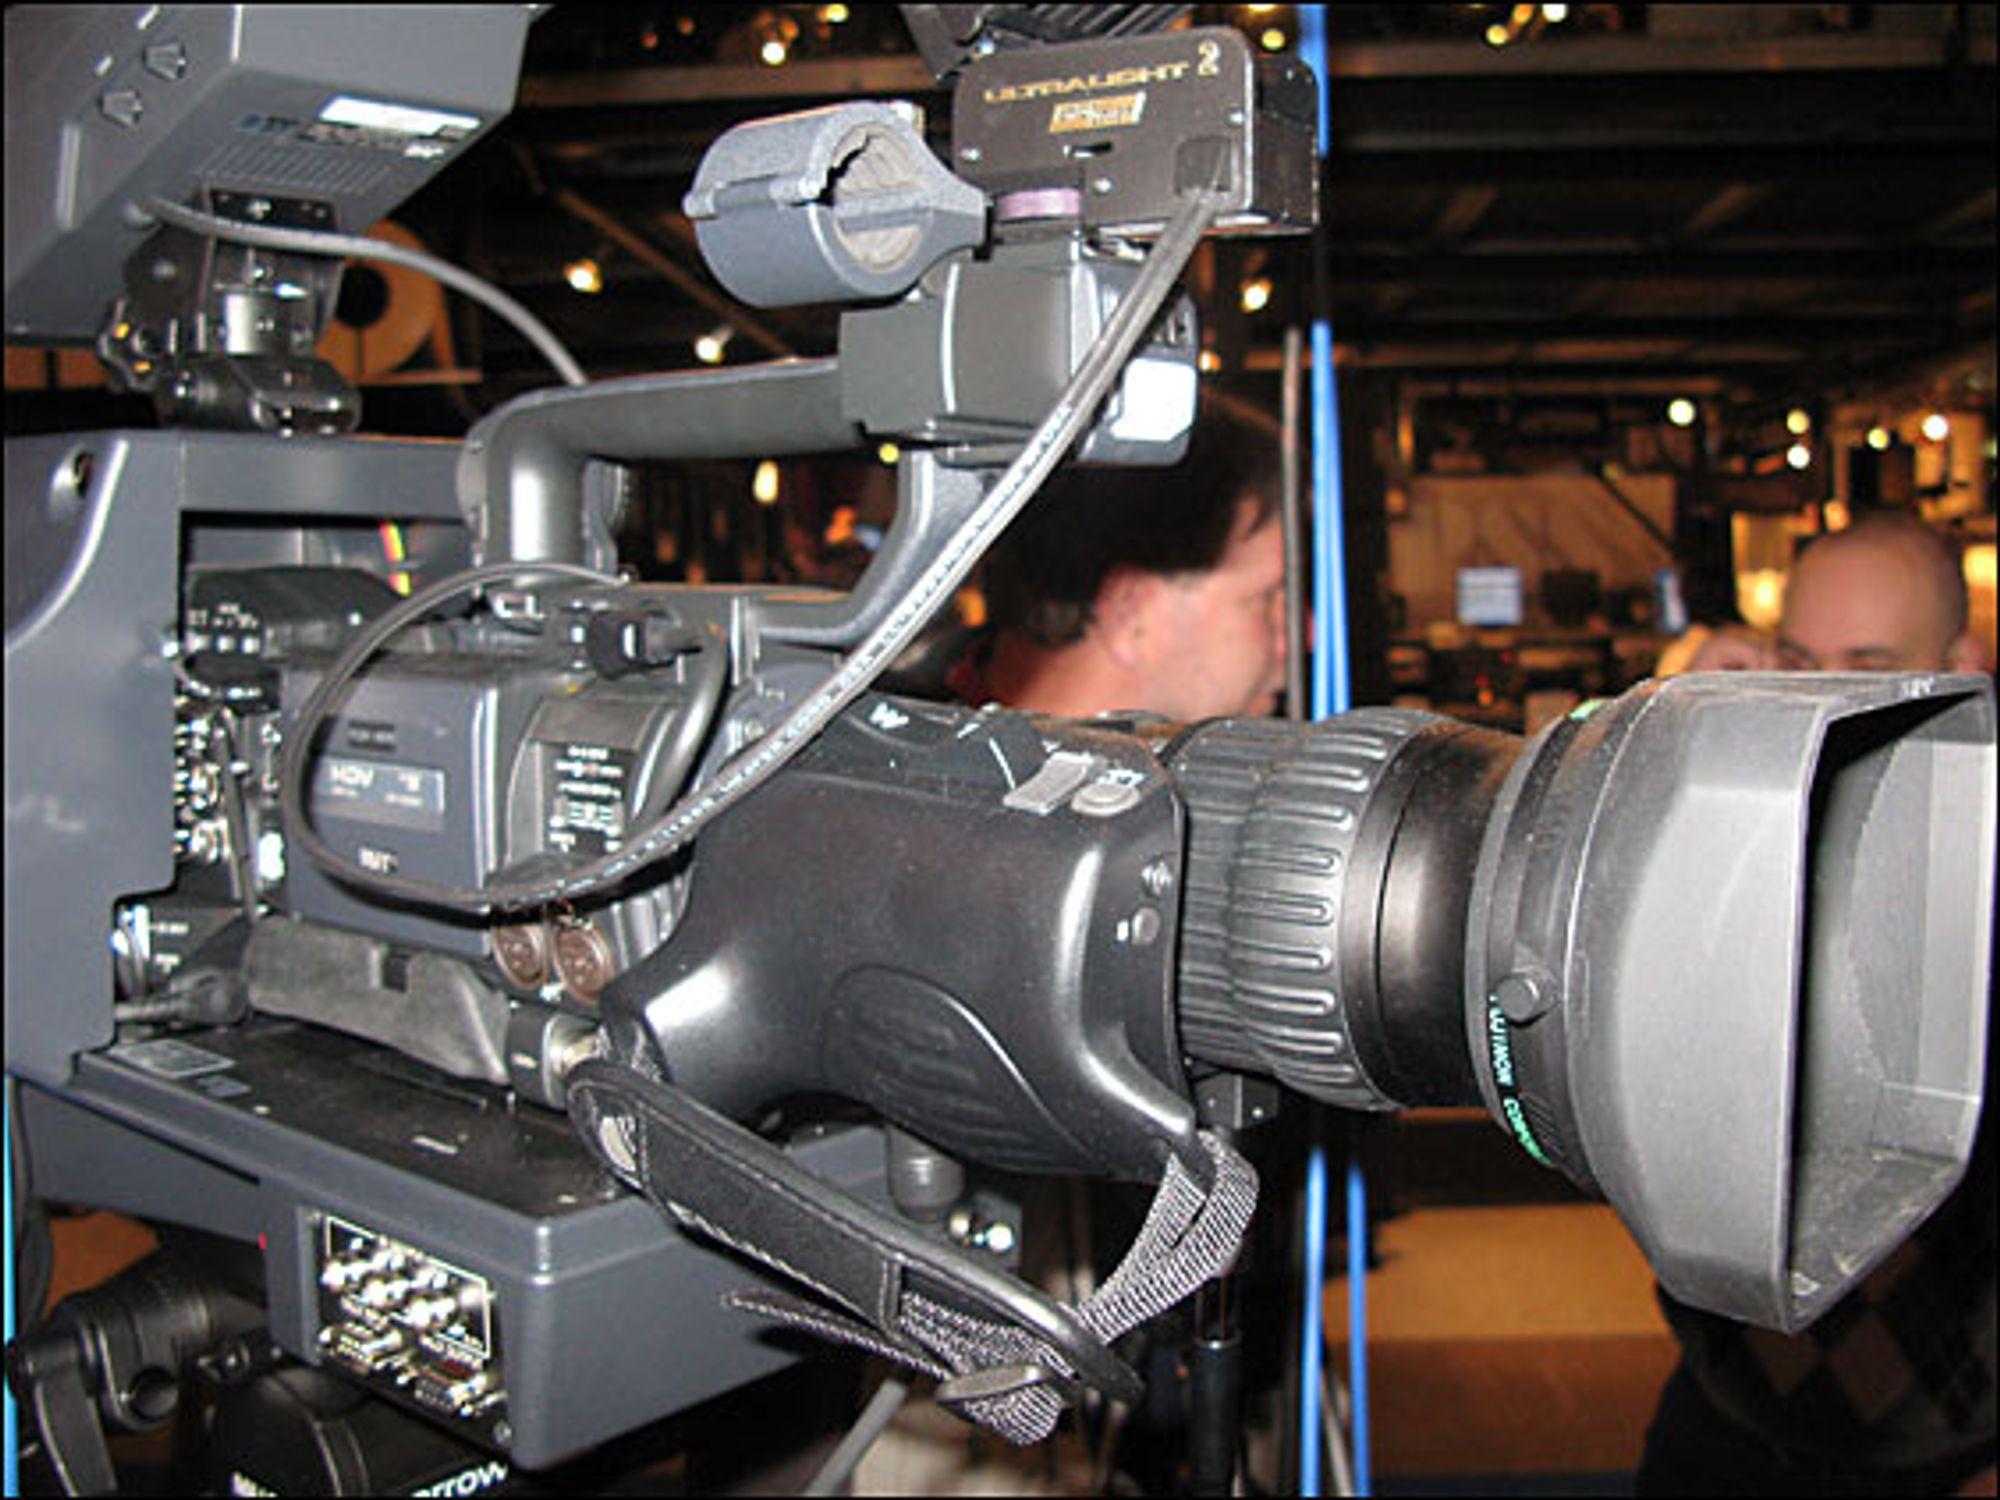 JVC er kanskje ikke mest kjent for sine profesjonelle kameraer, men her er en av deres modeller.